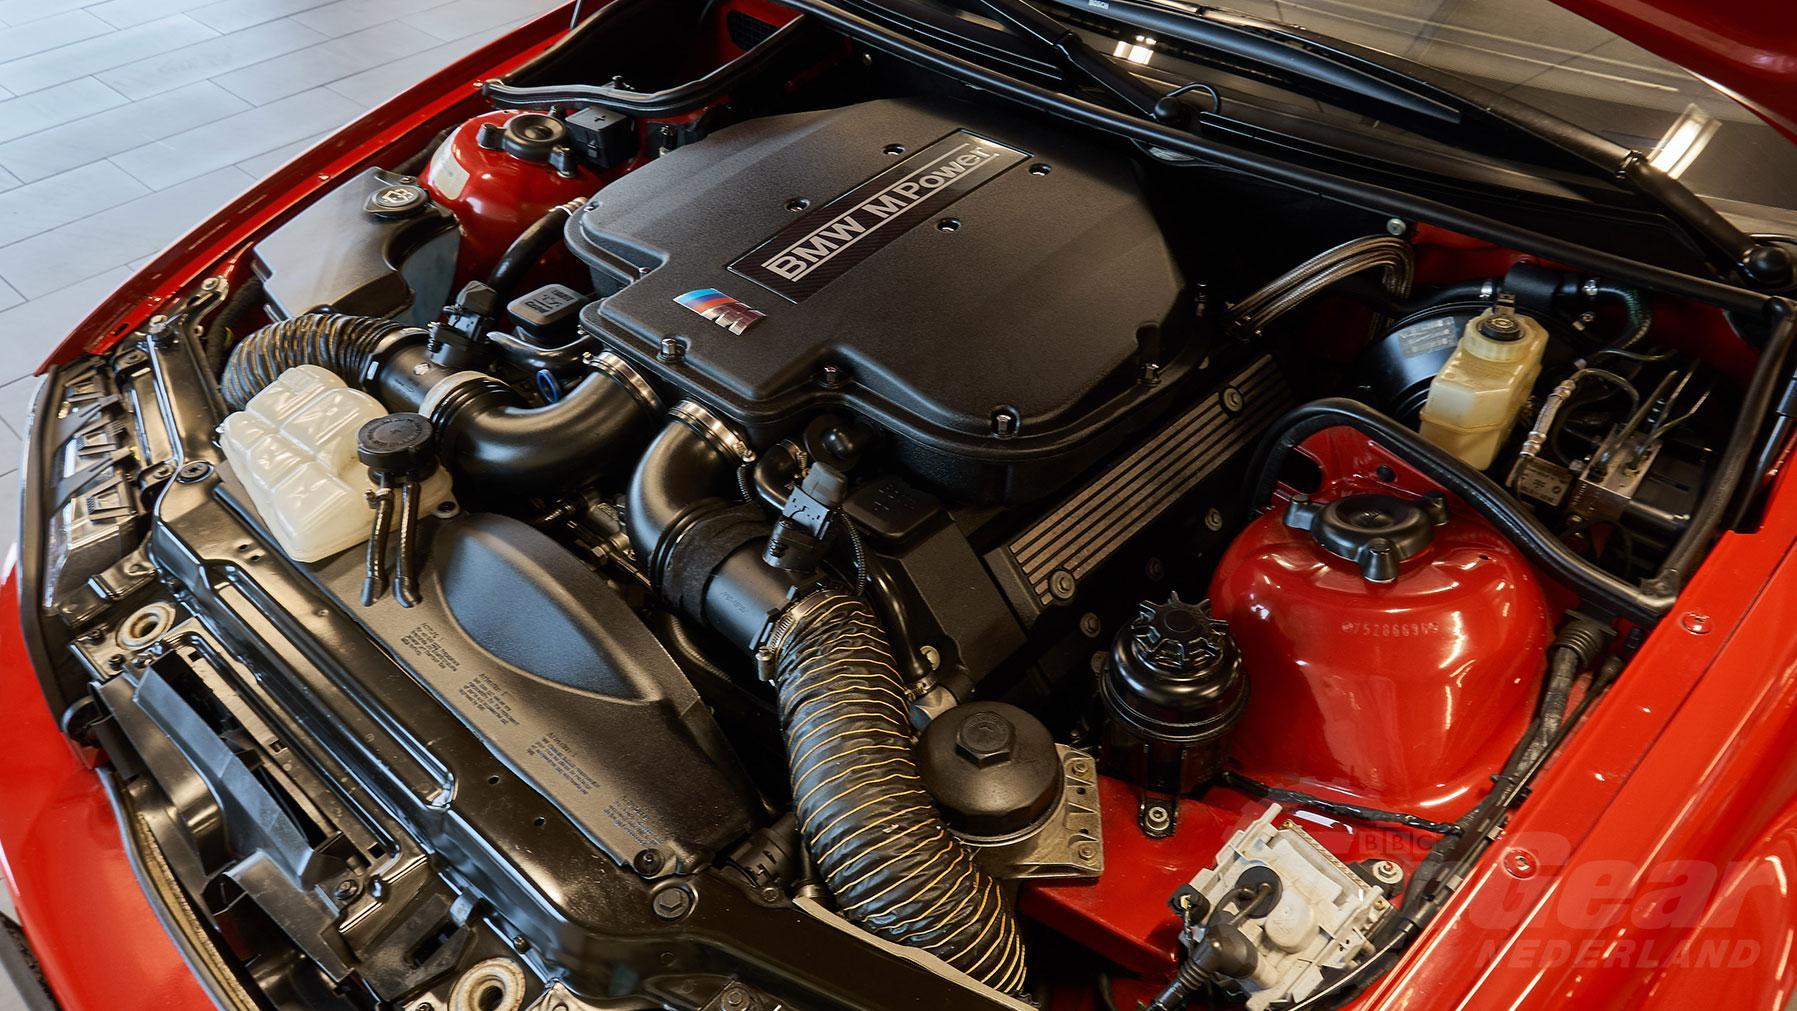 BMW S62 V8 in E46